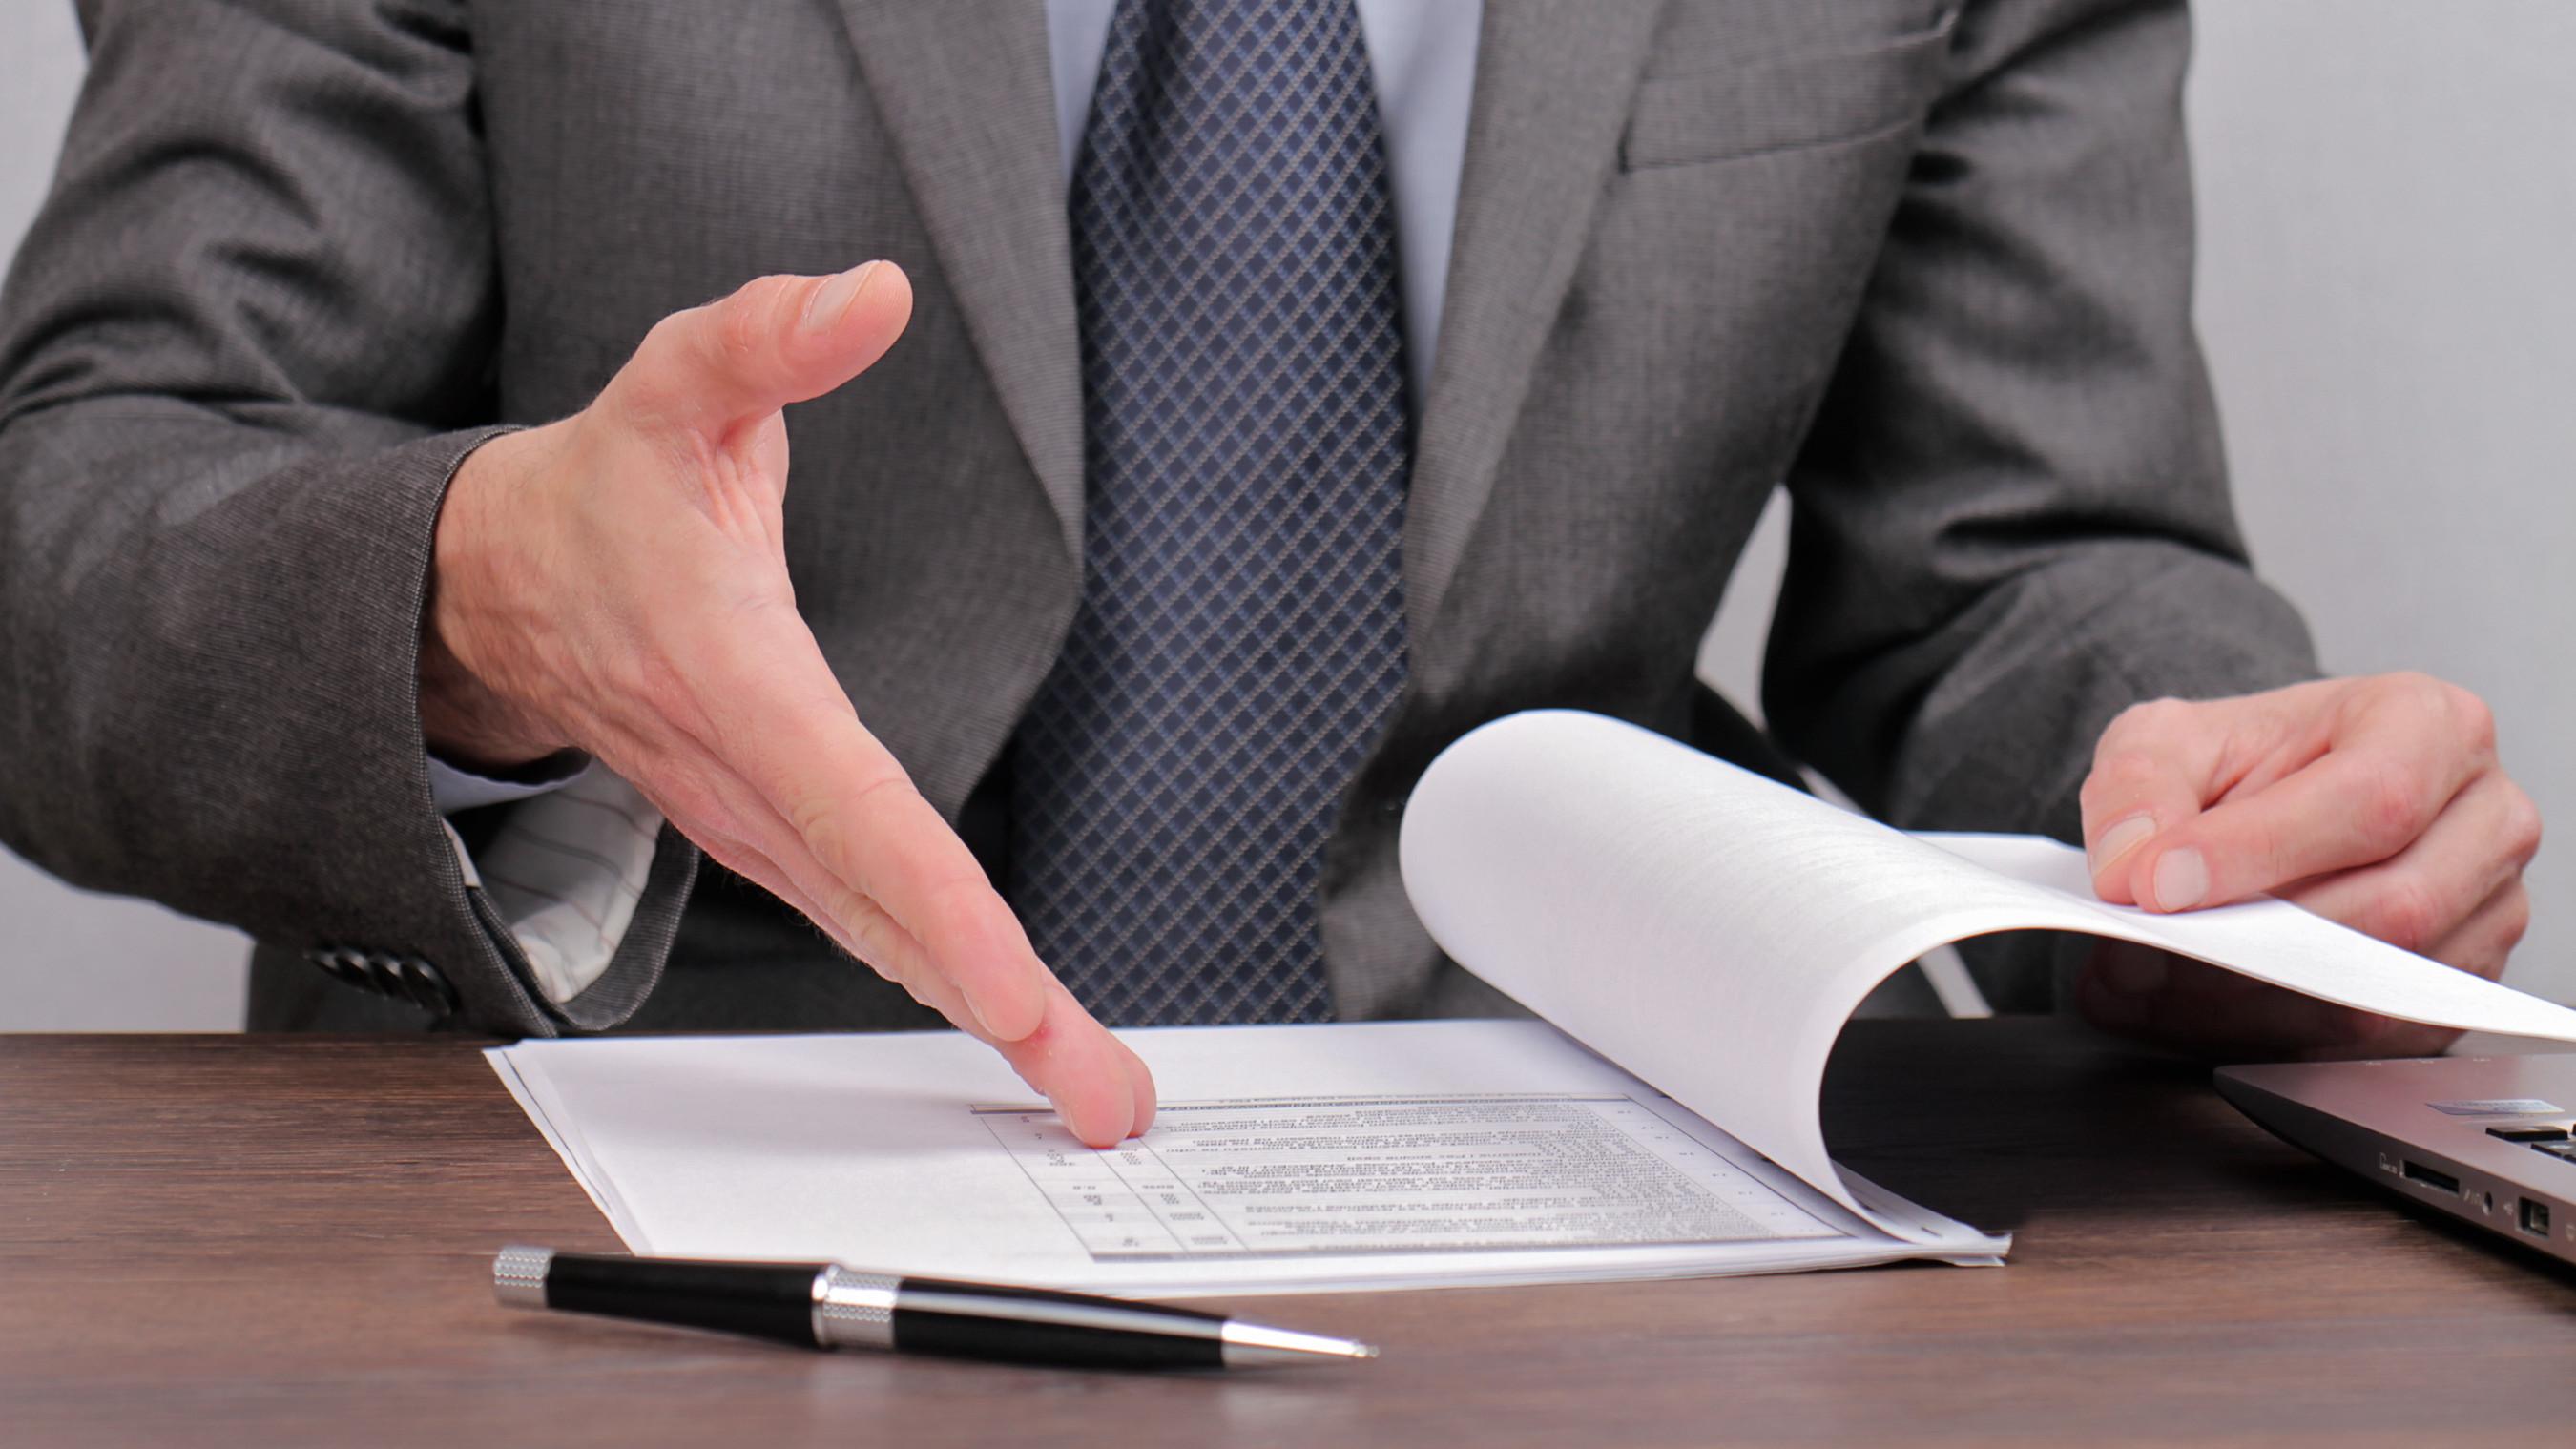 Суд поддержал решение УФАС Подмосковья о признании жалобы ООО «Комтех» необоснованной